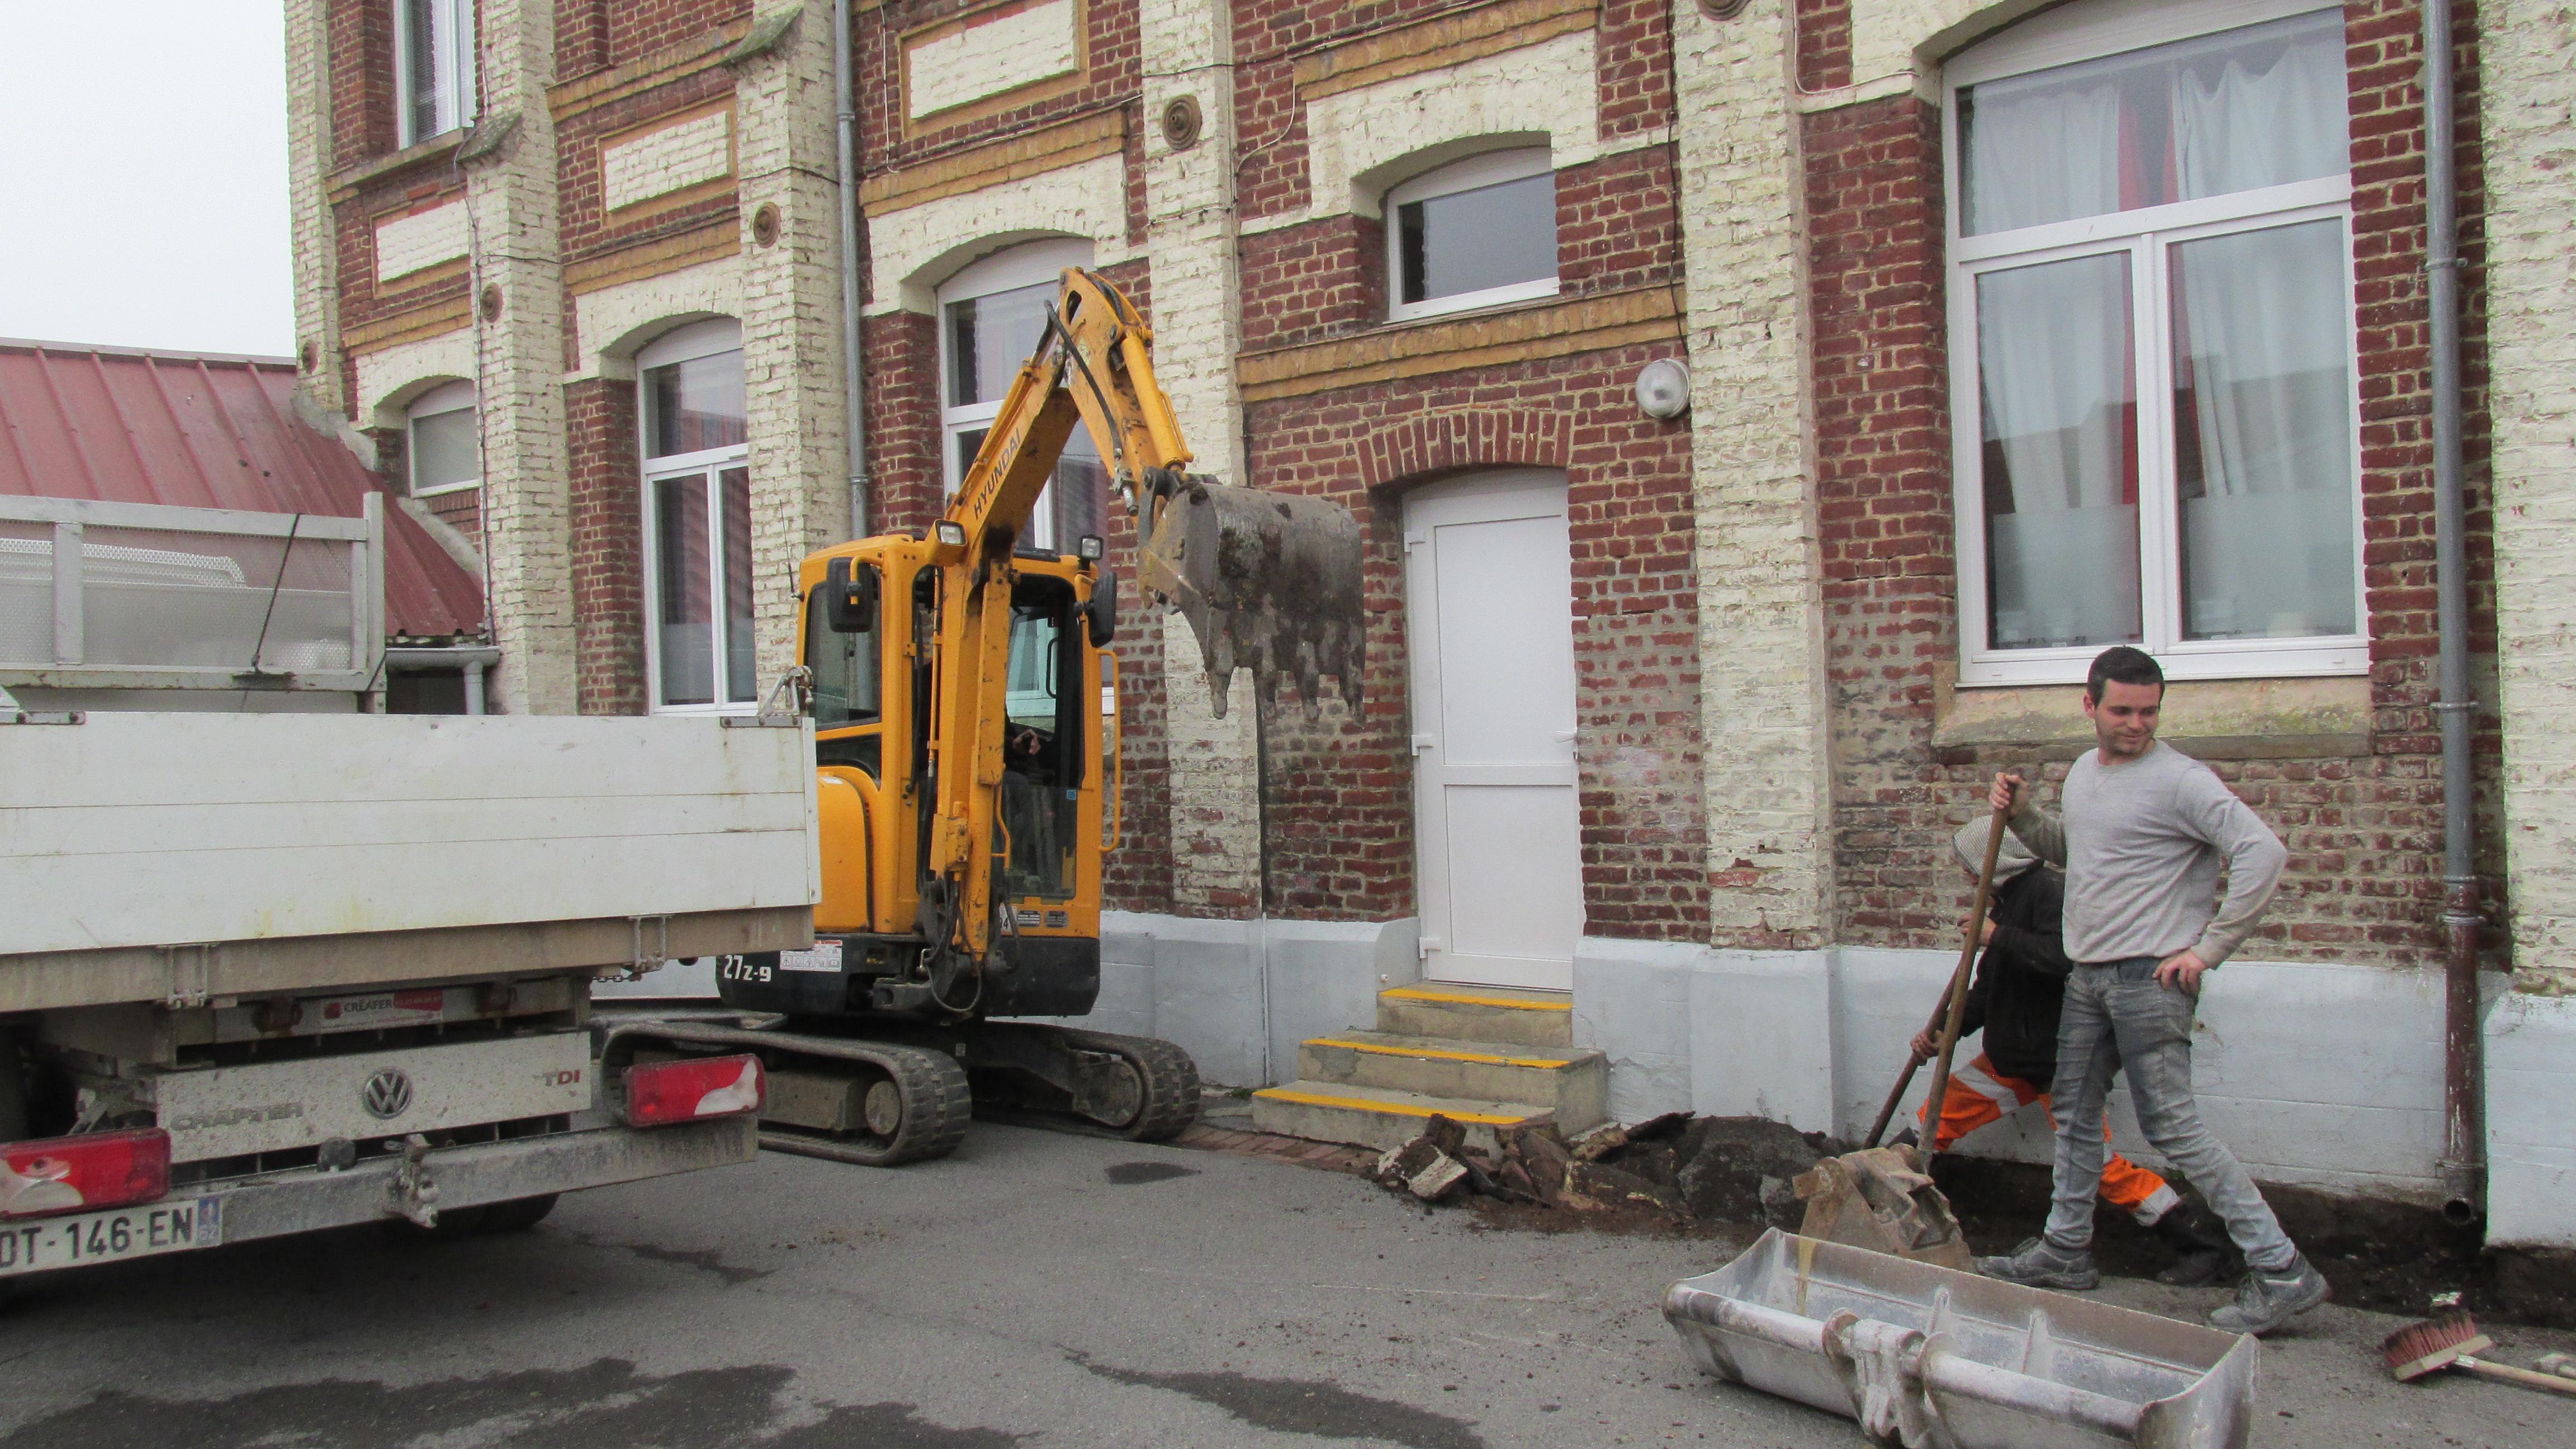 Rénovation de la Cour d'école Roger Salengro IMG 3894